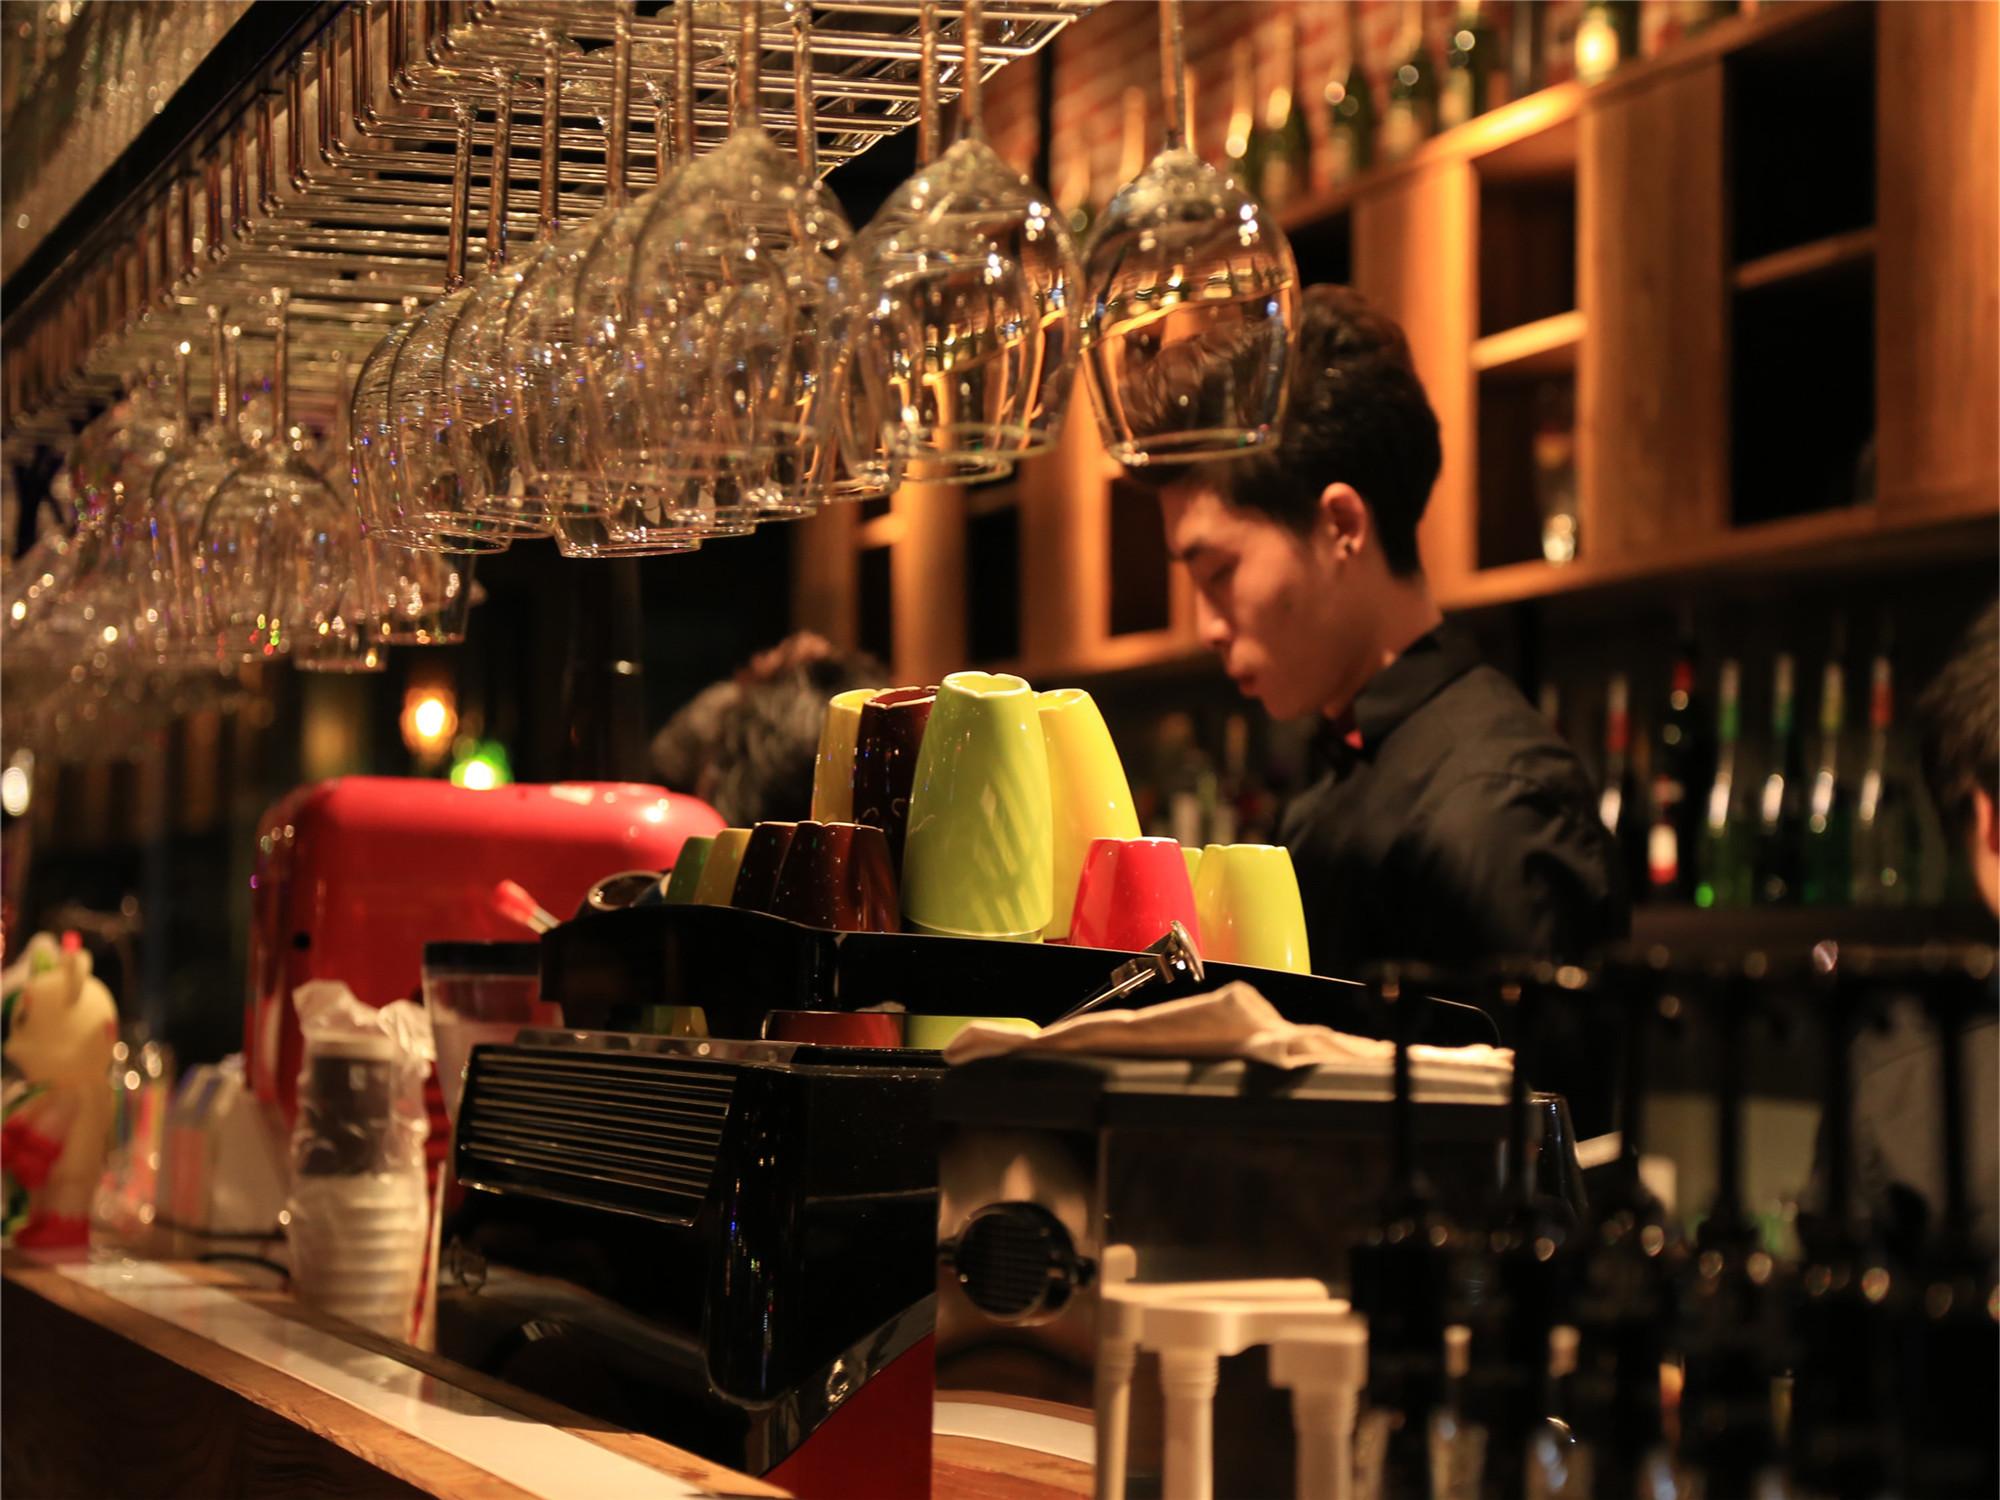 复古小资情调咖啡厅酒具器皿图片